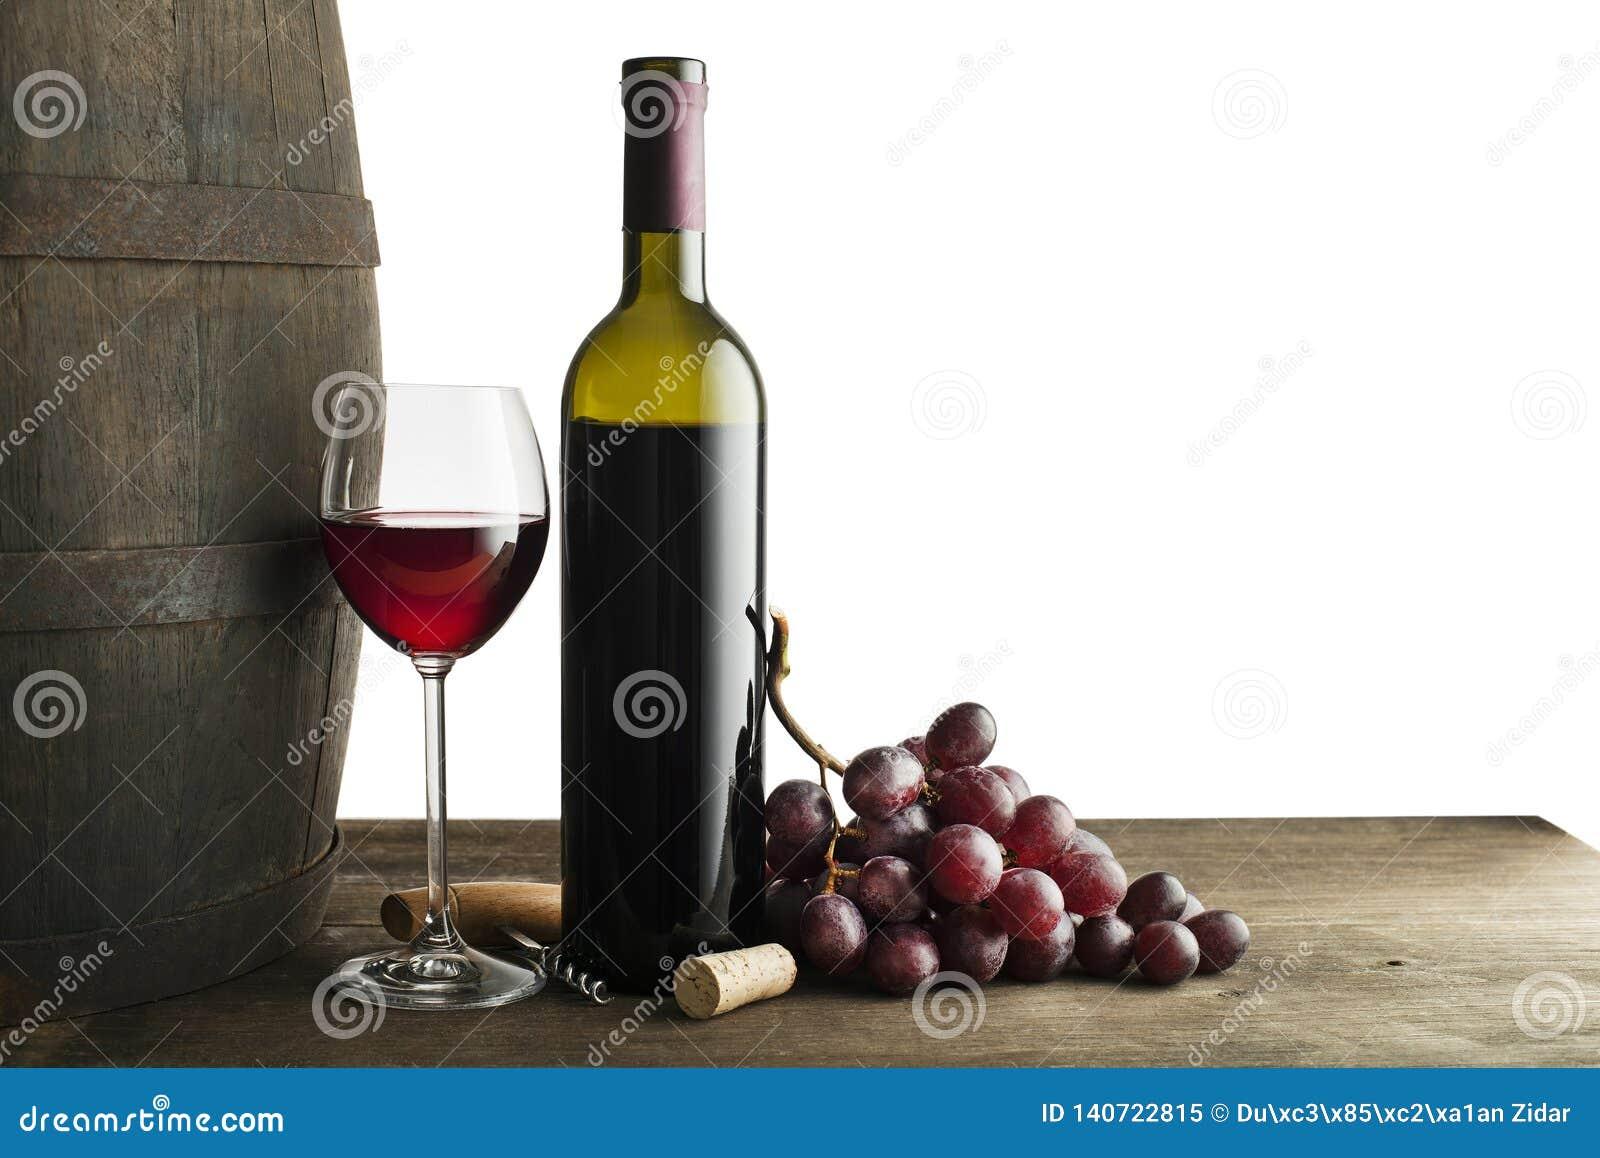 Botella y vidrio de vino rojo aislados en blanco